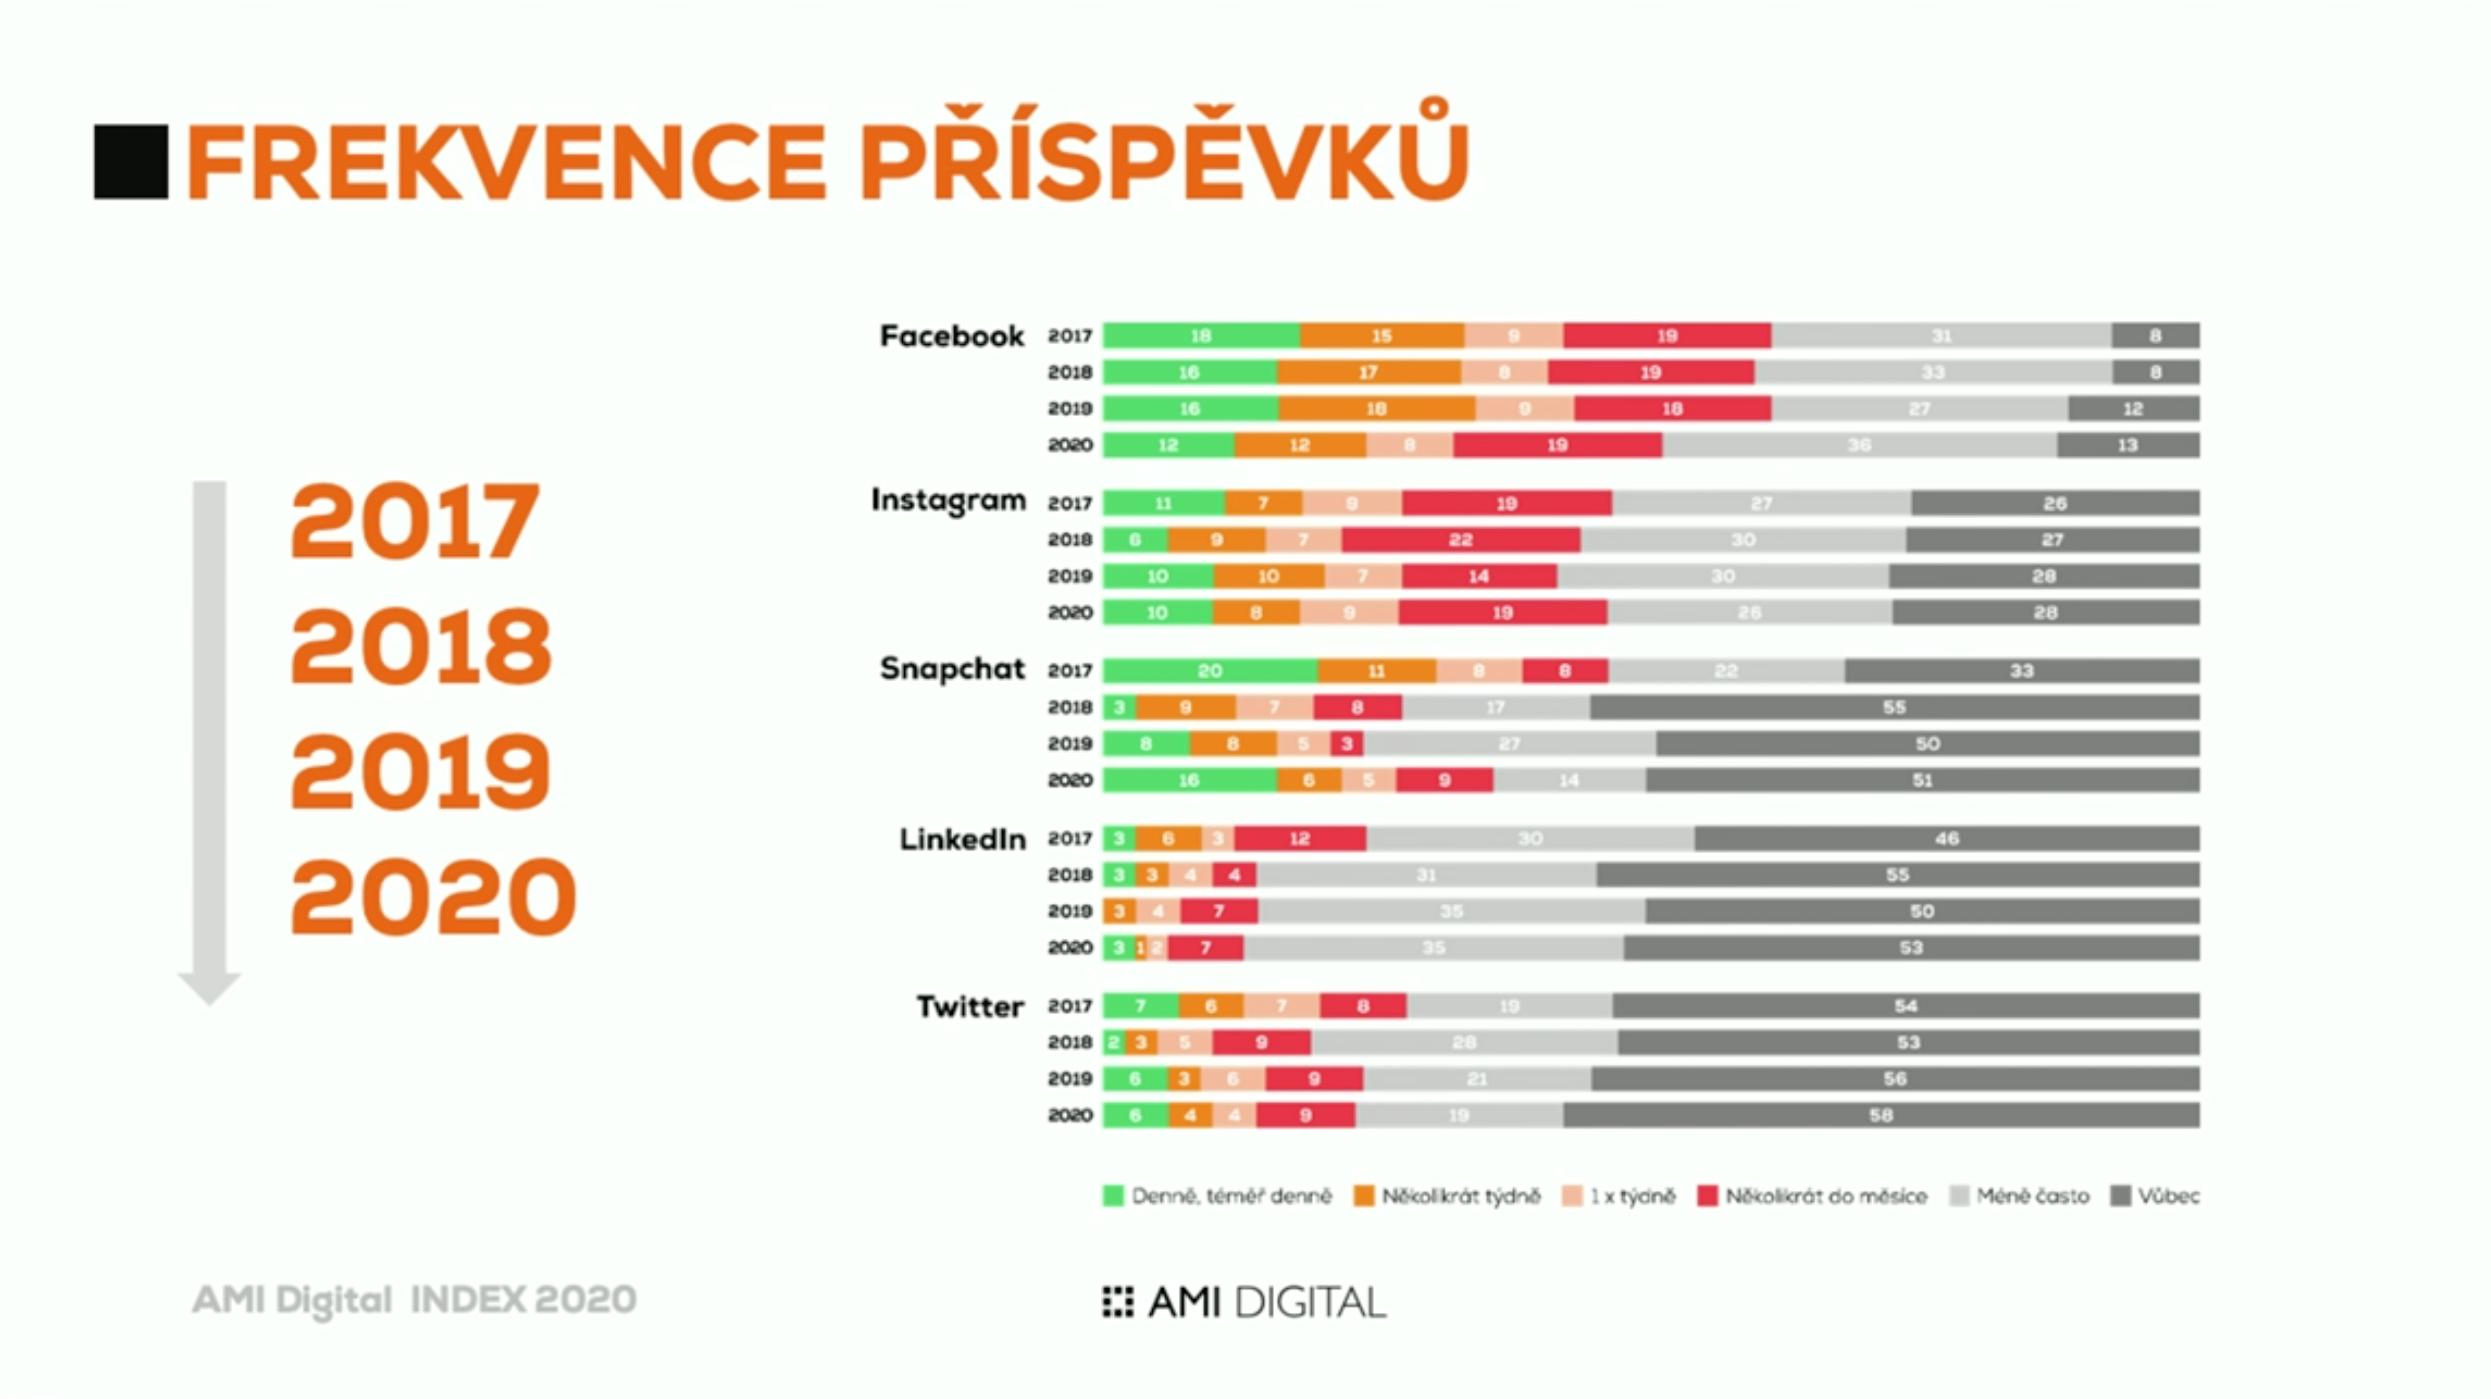 AMI Digital Index 2020: frekvence příspěvků na sociálních sítě